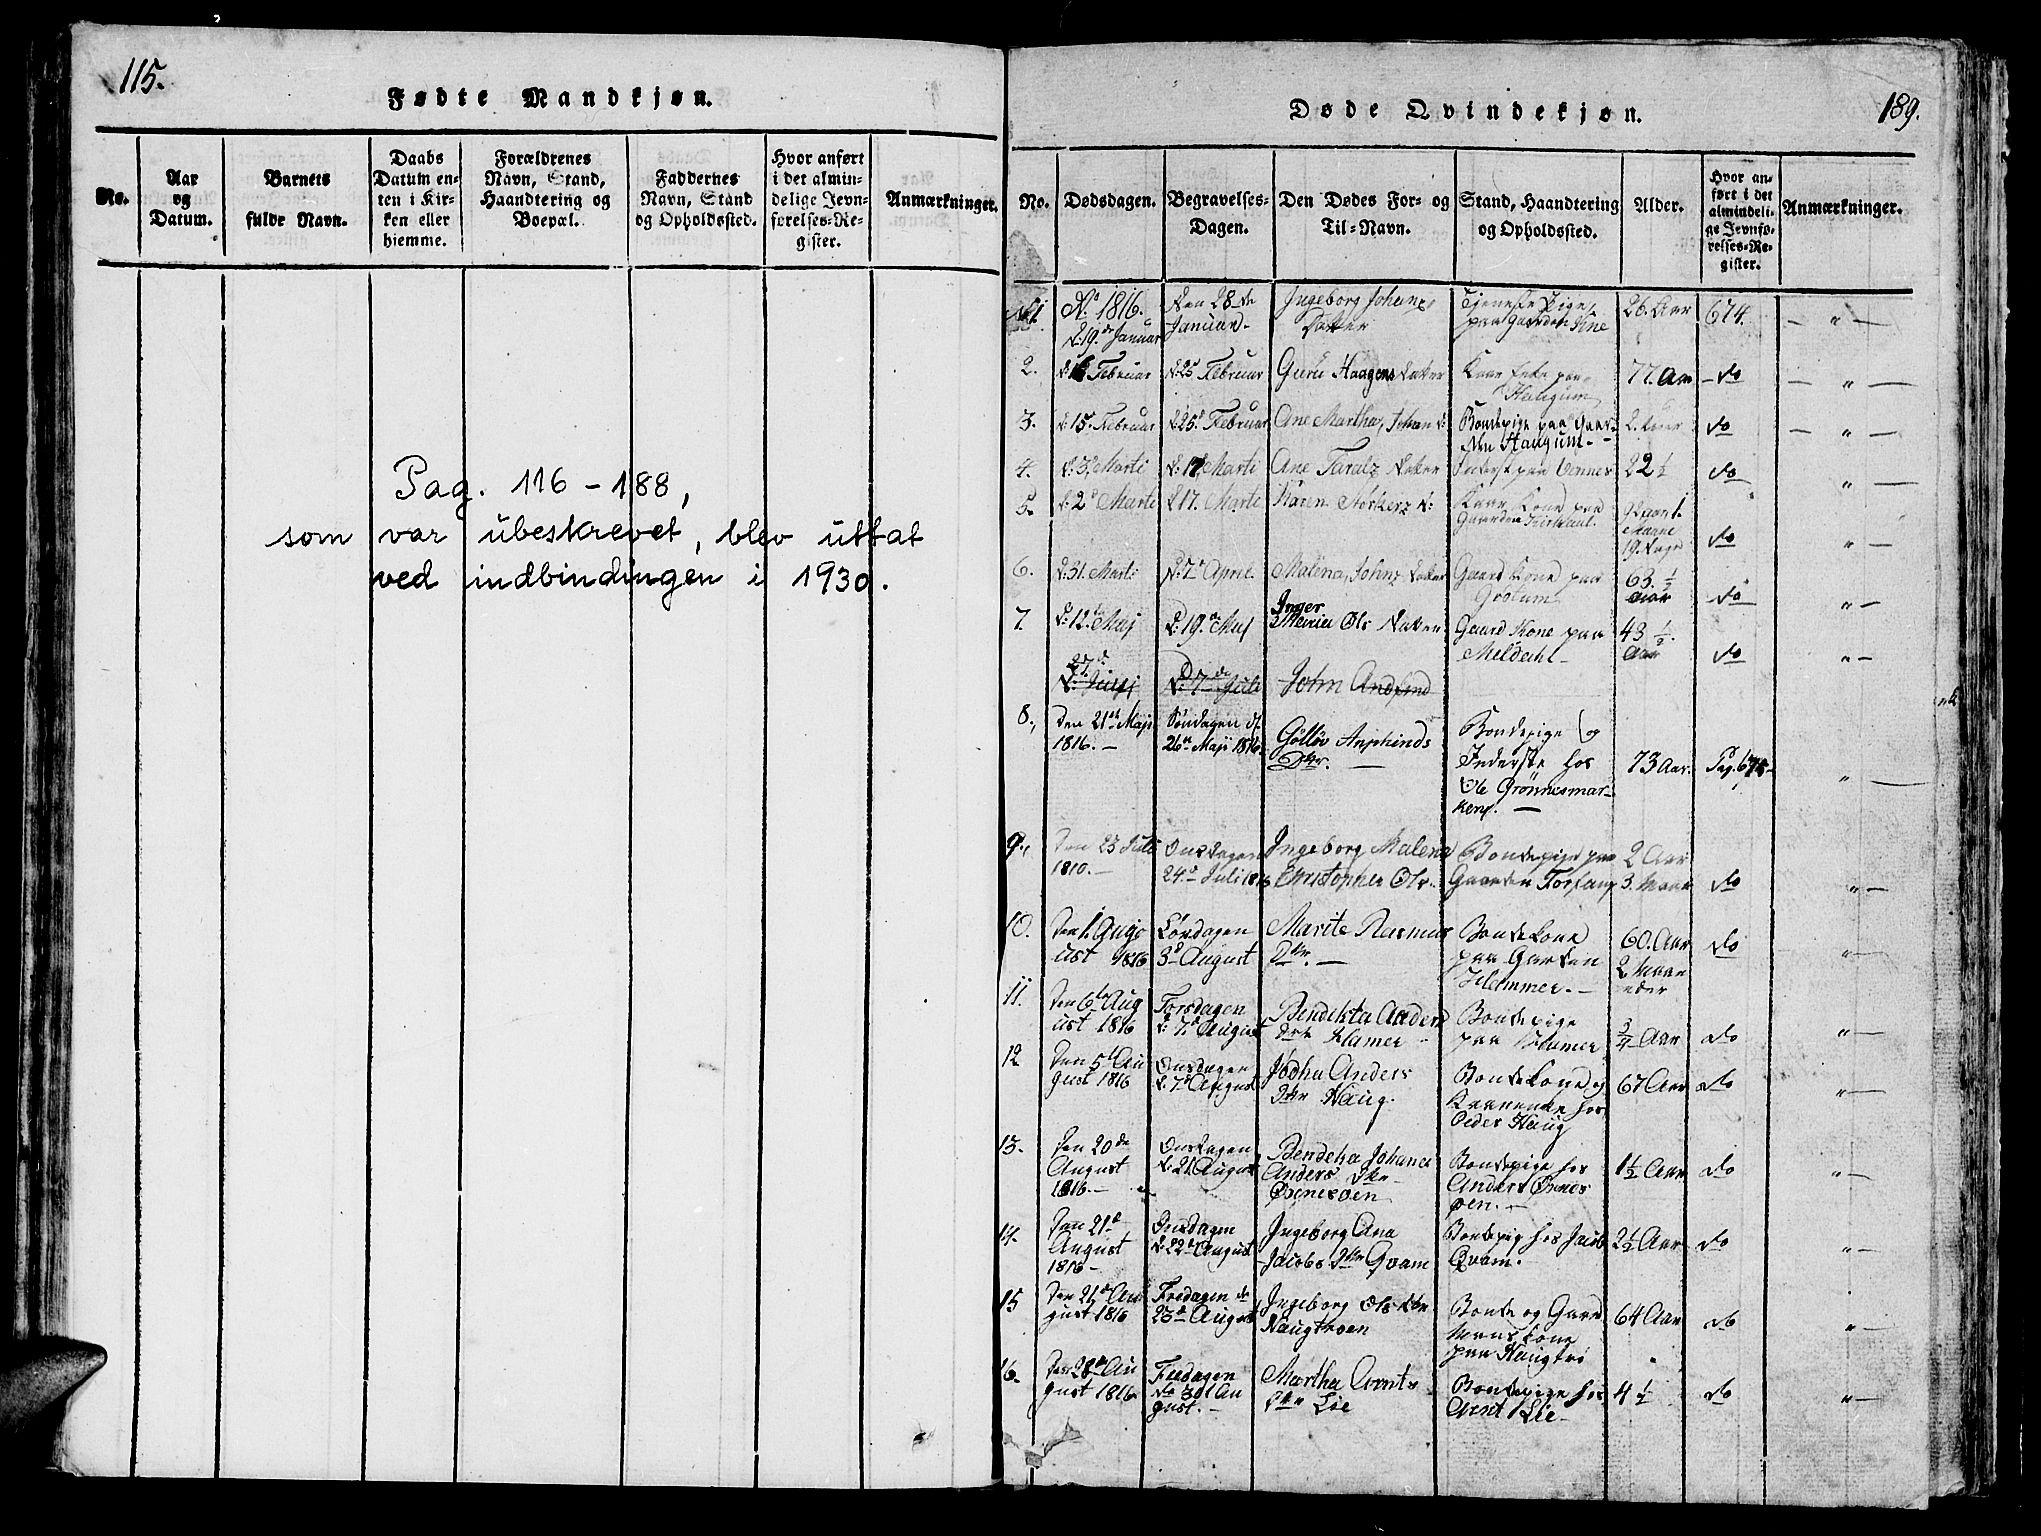 SAT, Ministerialprotokoller, klokkerbøker og fødselsregistre - Nord-Trøndelag, 747/L0459: Klokkerbok nr. 747C01, 1816-1842, s. 115-189